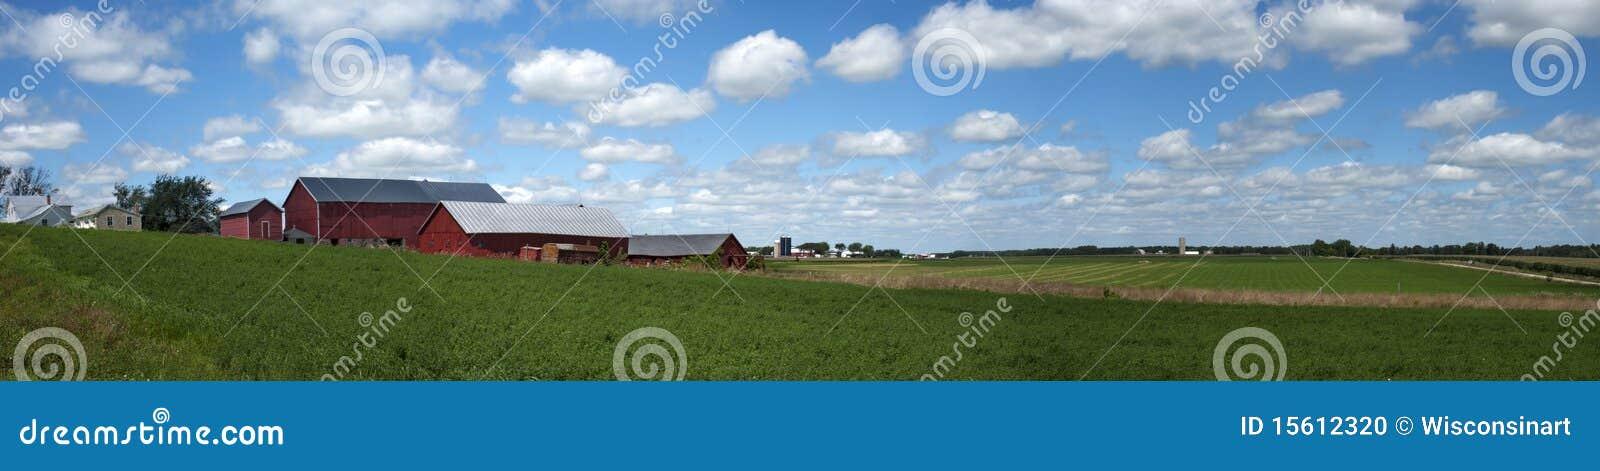 Exploração agrícola de leiteria velha, bandeira do panorama da terra, colheitas